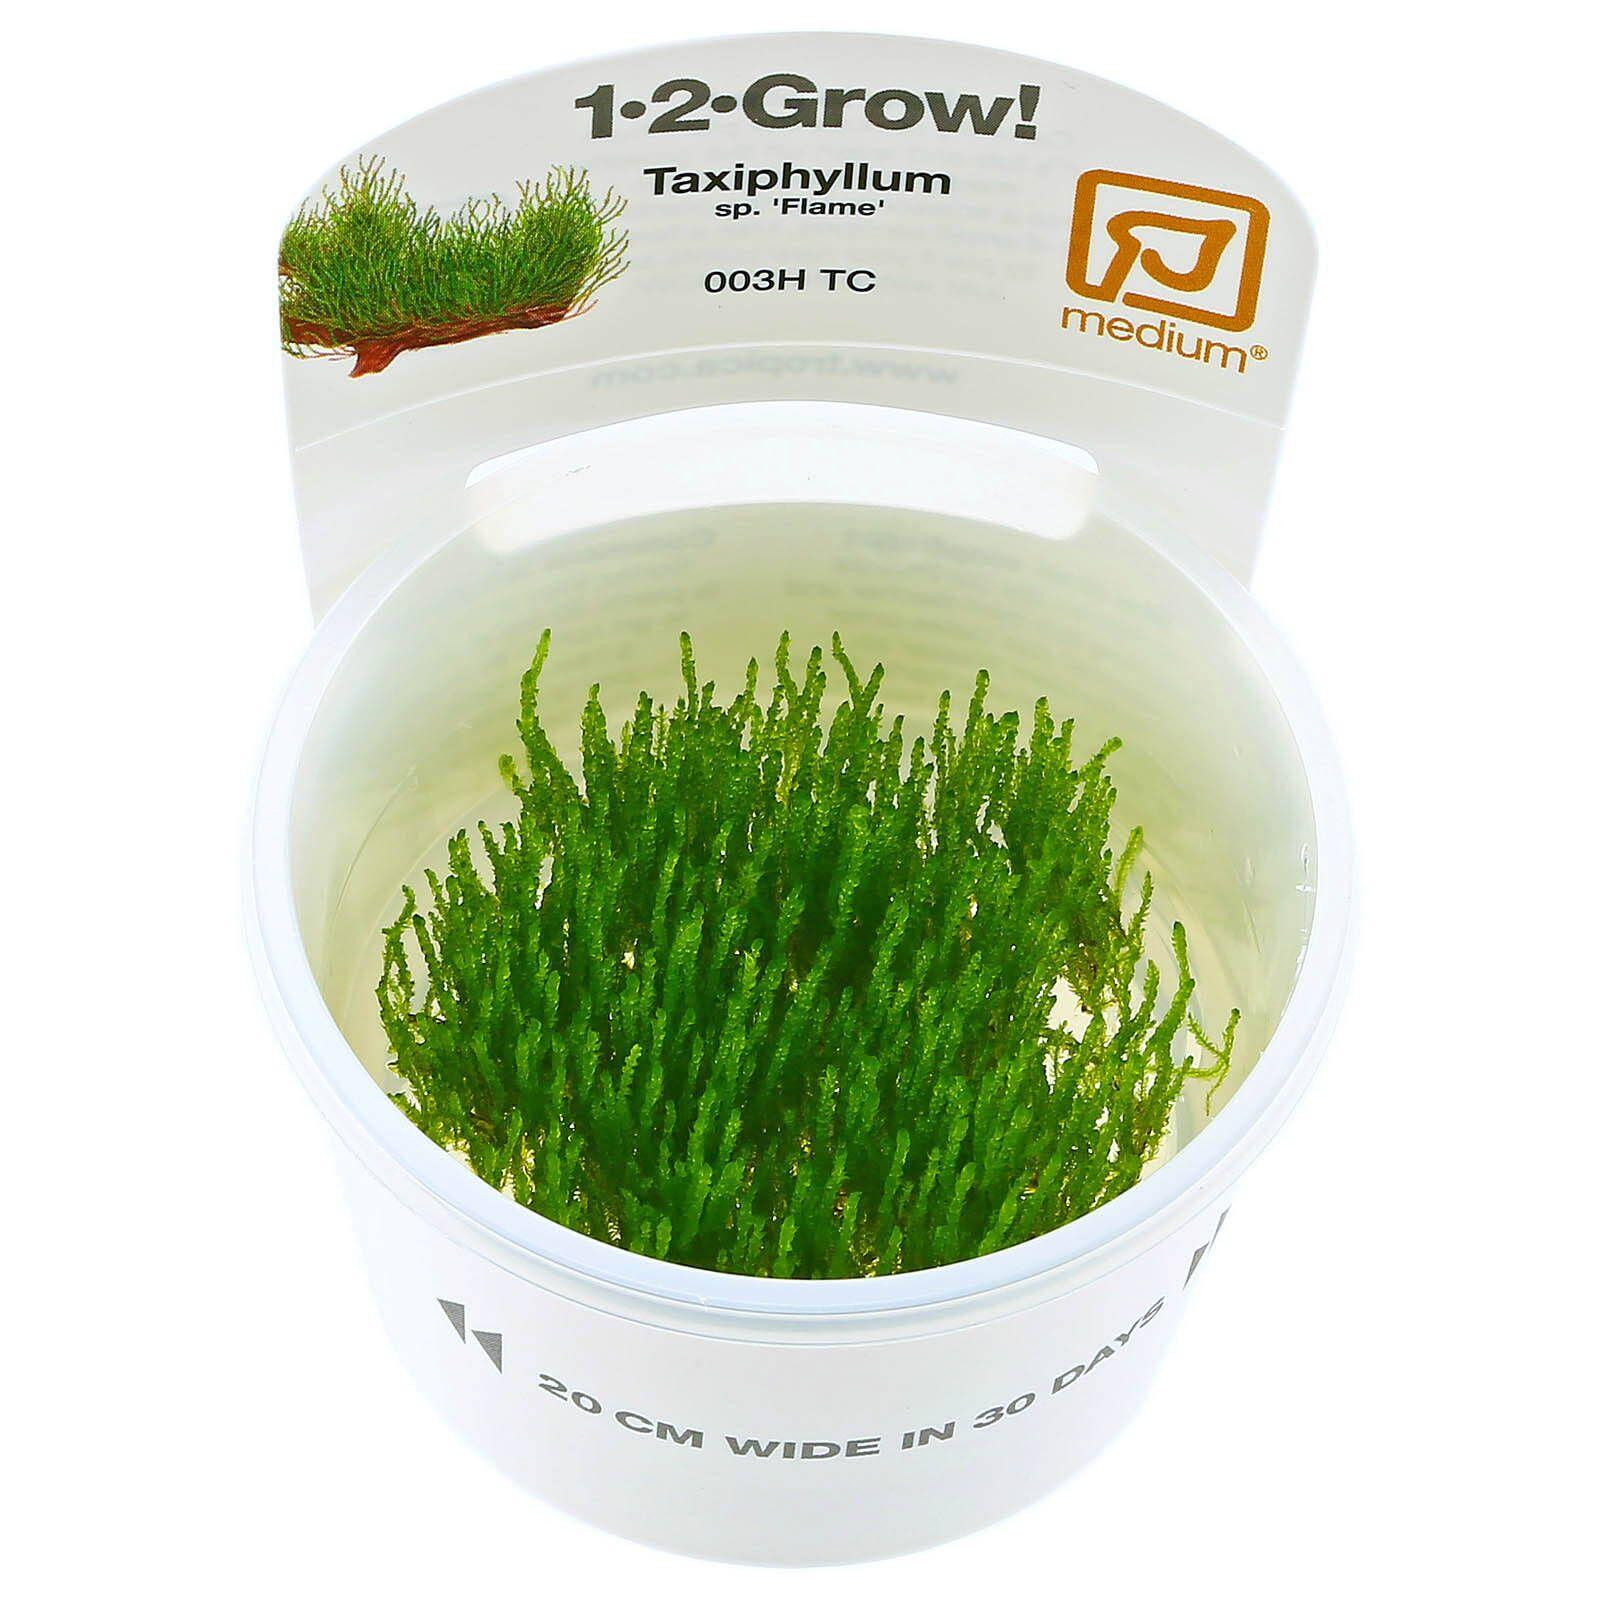 Taxiphyllum Sp Flame Moss 1 2 Grow Aquasabi Aquascaping Shop